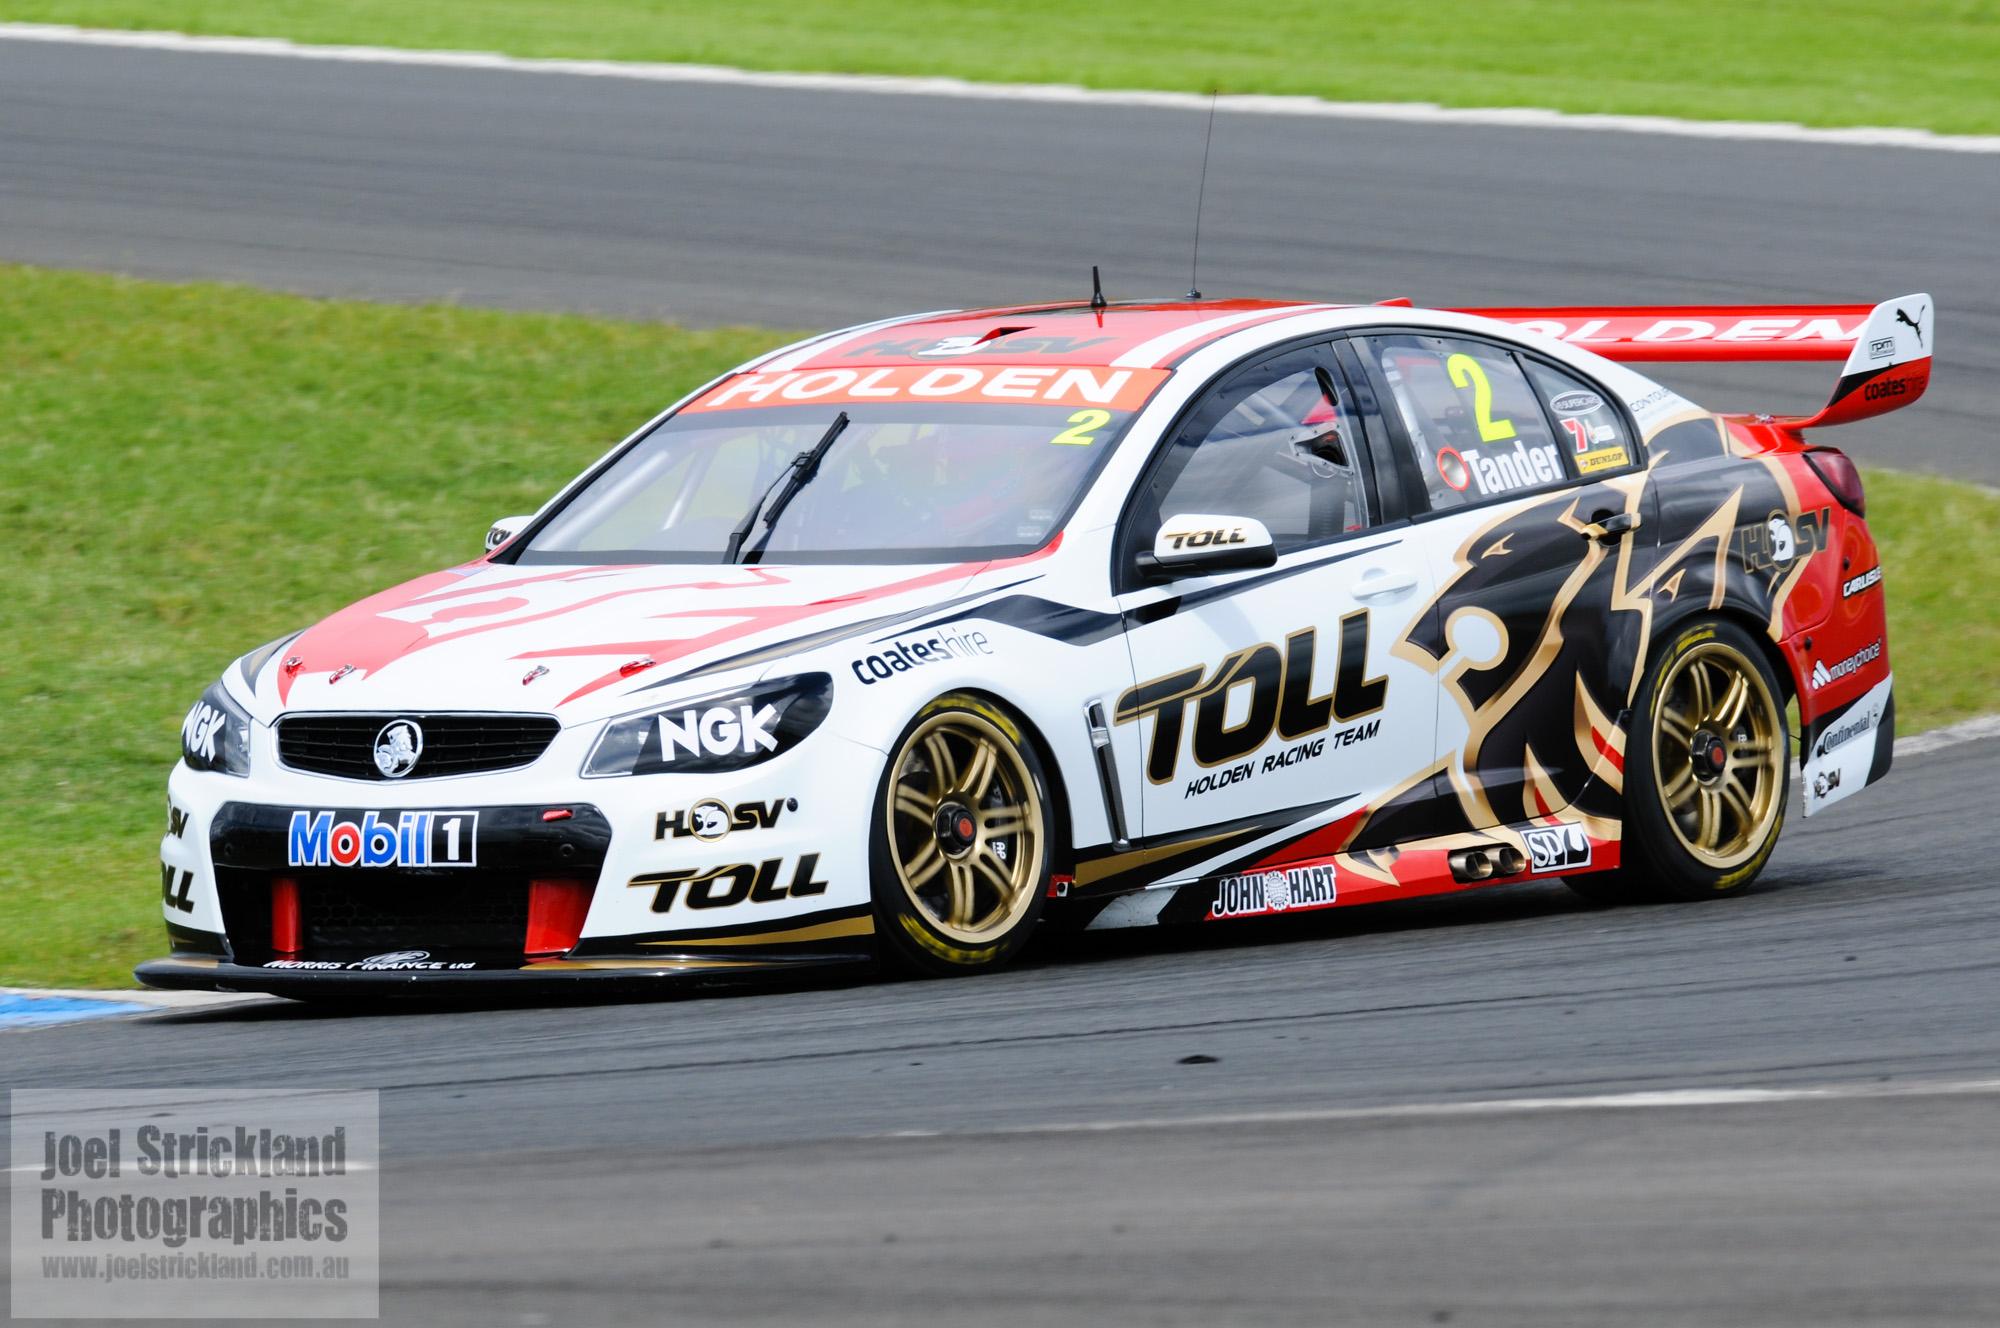 2013 V8 Supercar Teams & Drivers Social Media Guide   Joel ...